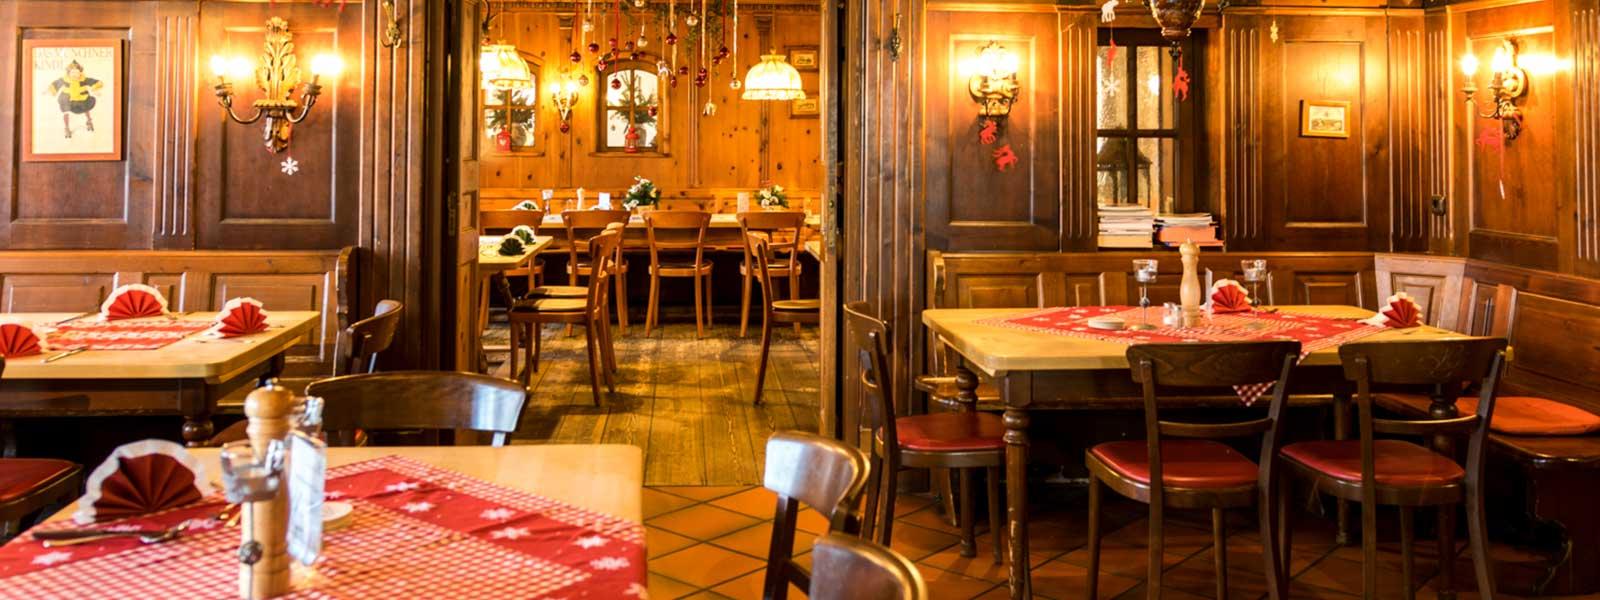 Restaurant Wirtslstube Harlachinger Einkehr